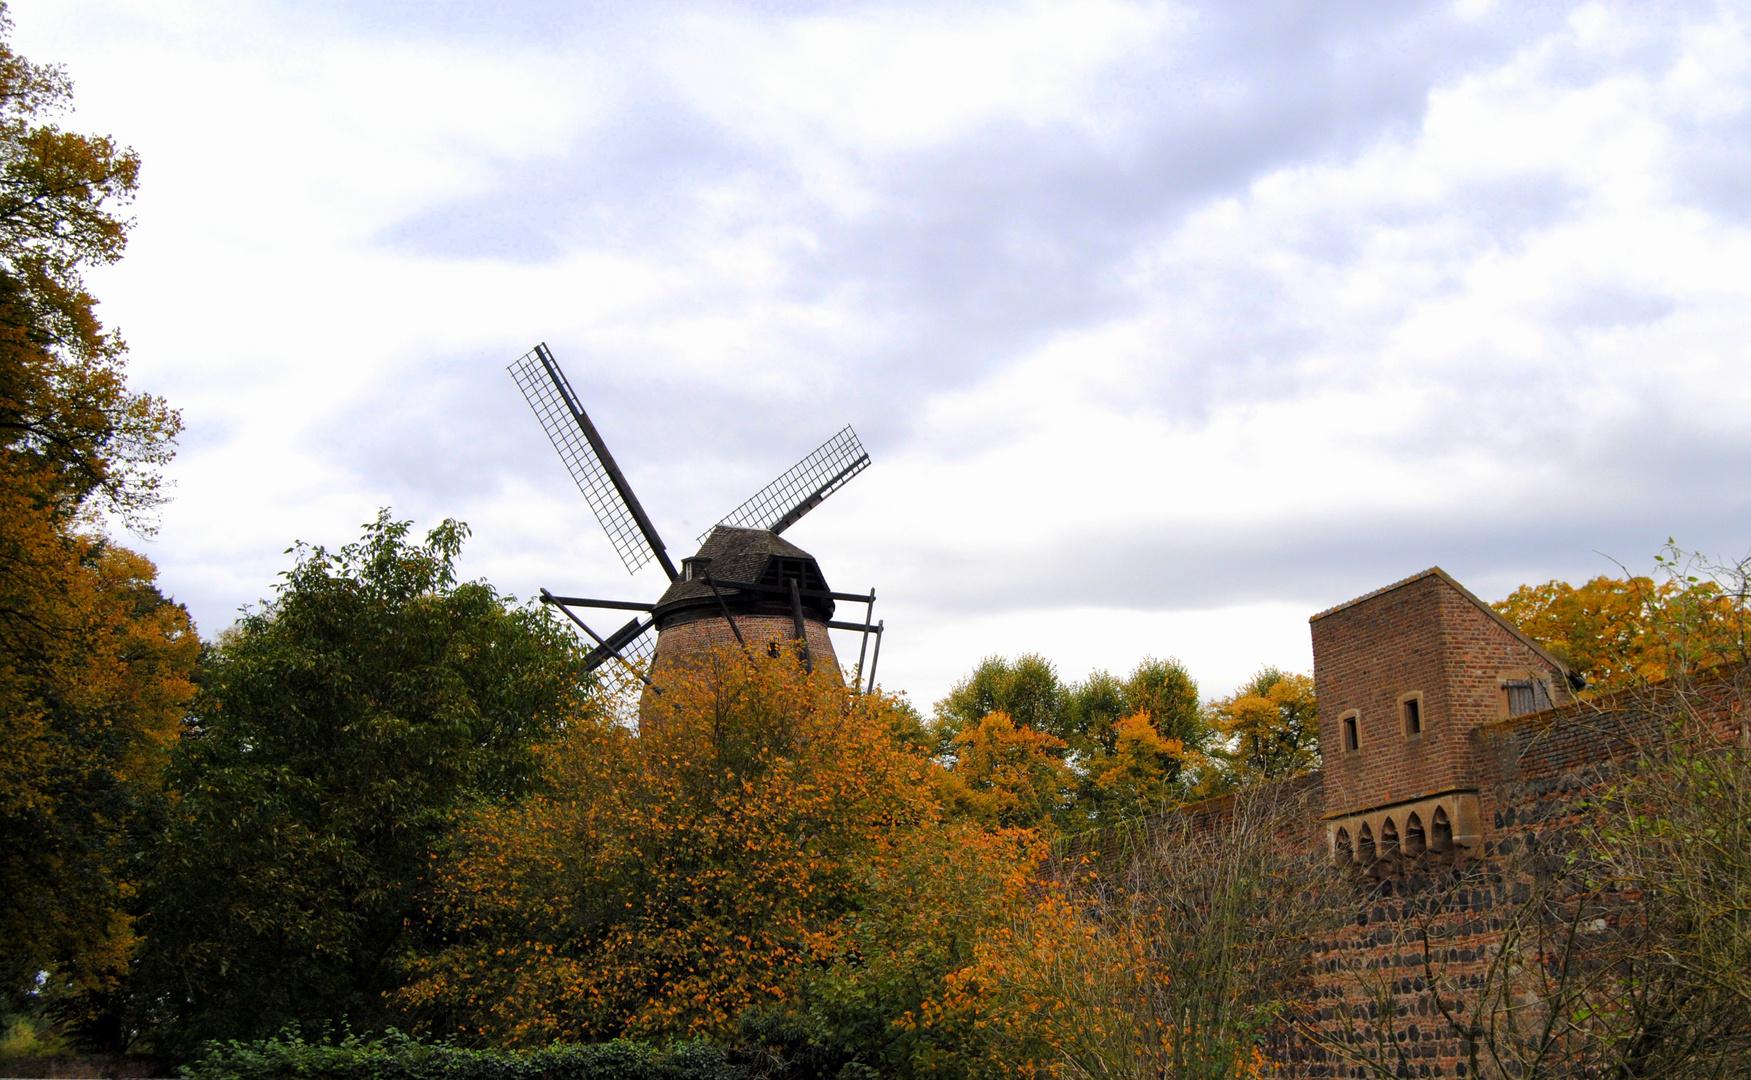 Stadtmauer und Windmühle in Zons